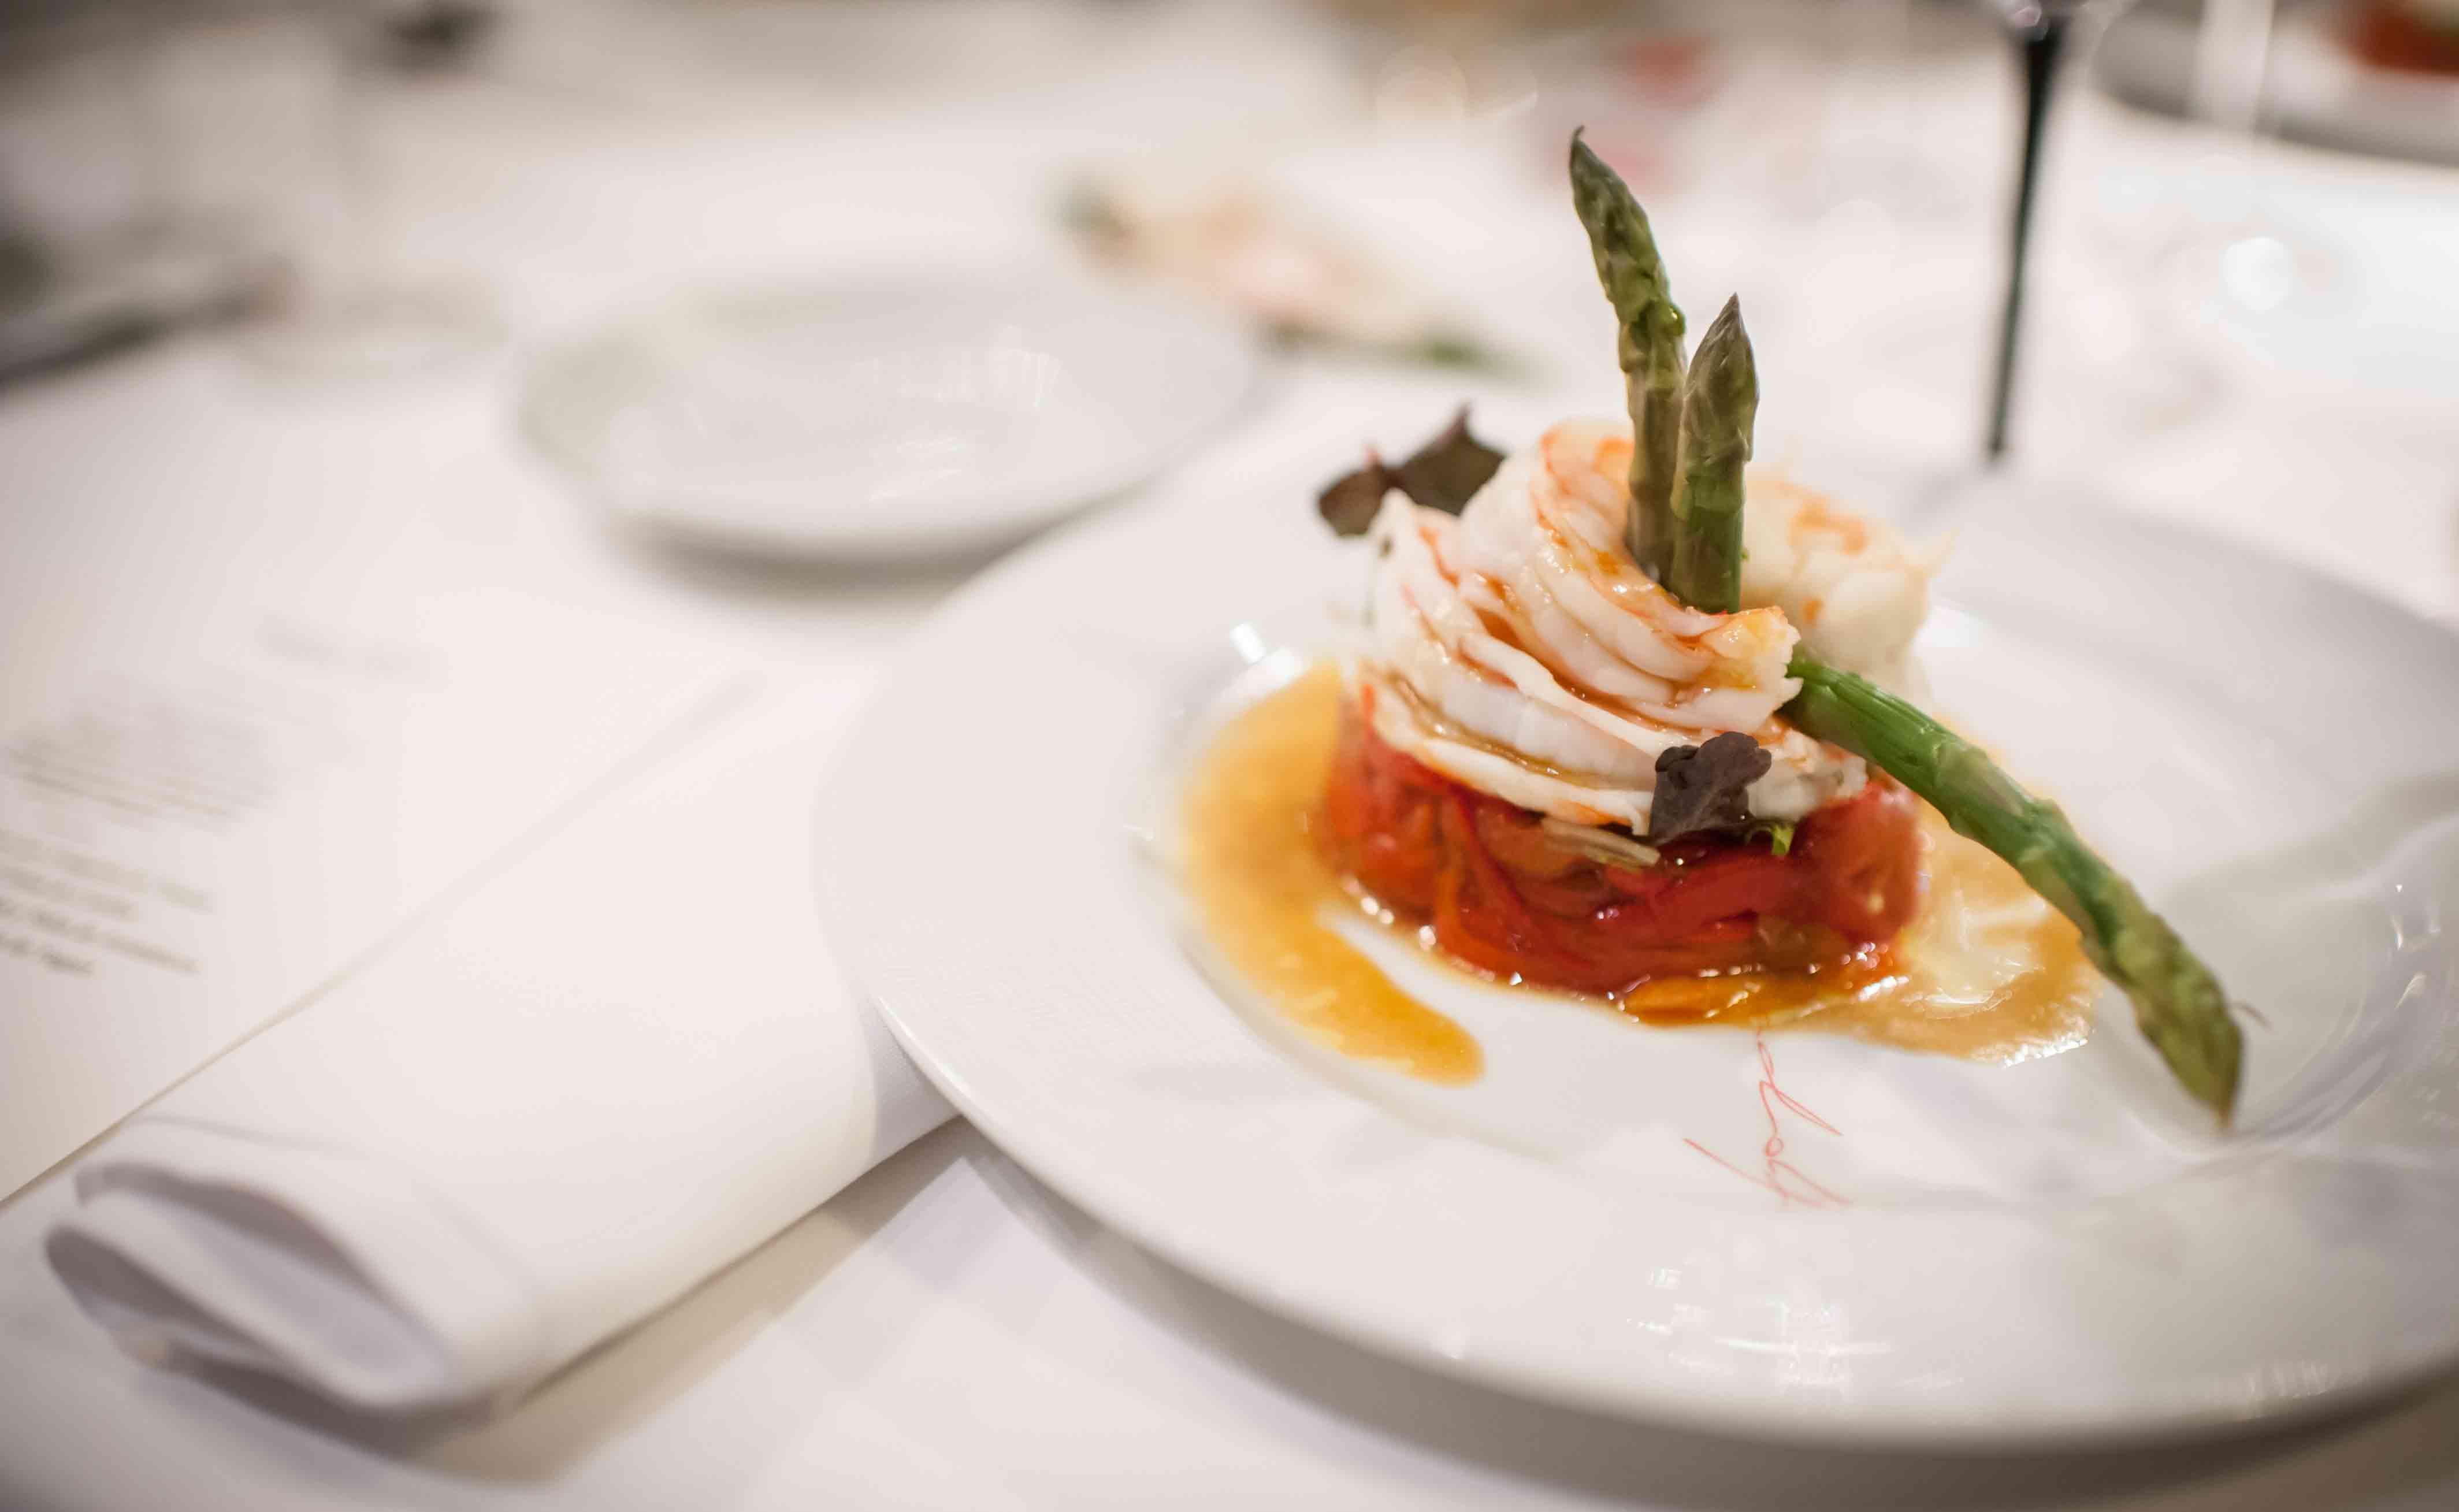 Bodas Gastronomía Del Palacio De Cibeles